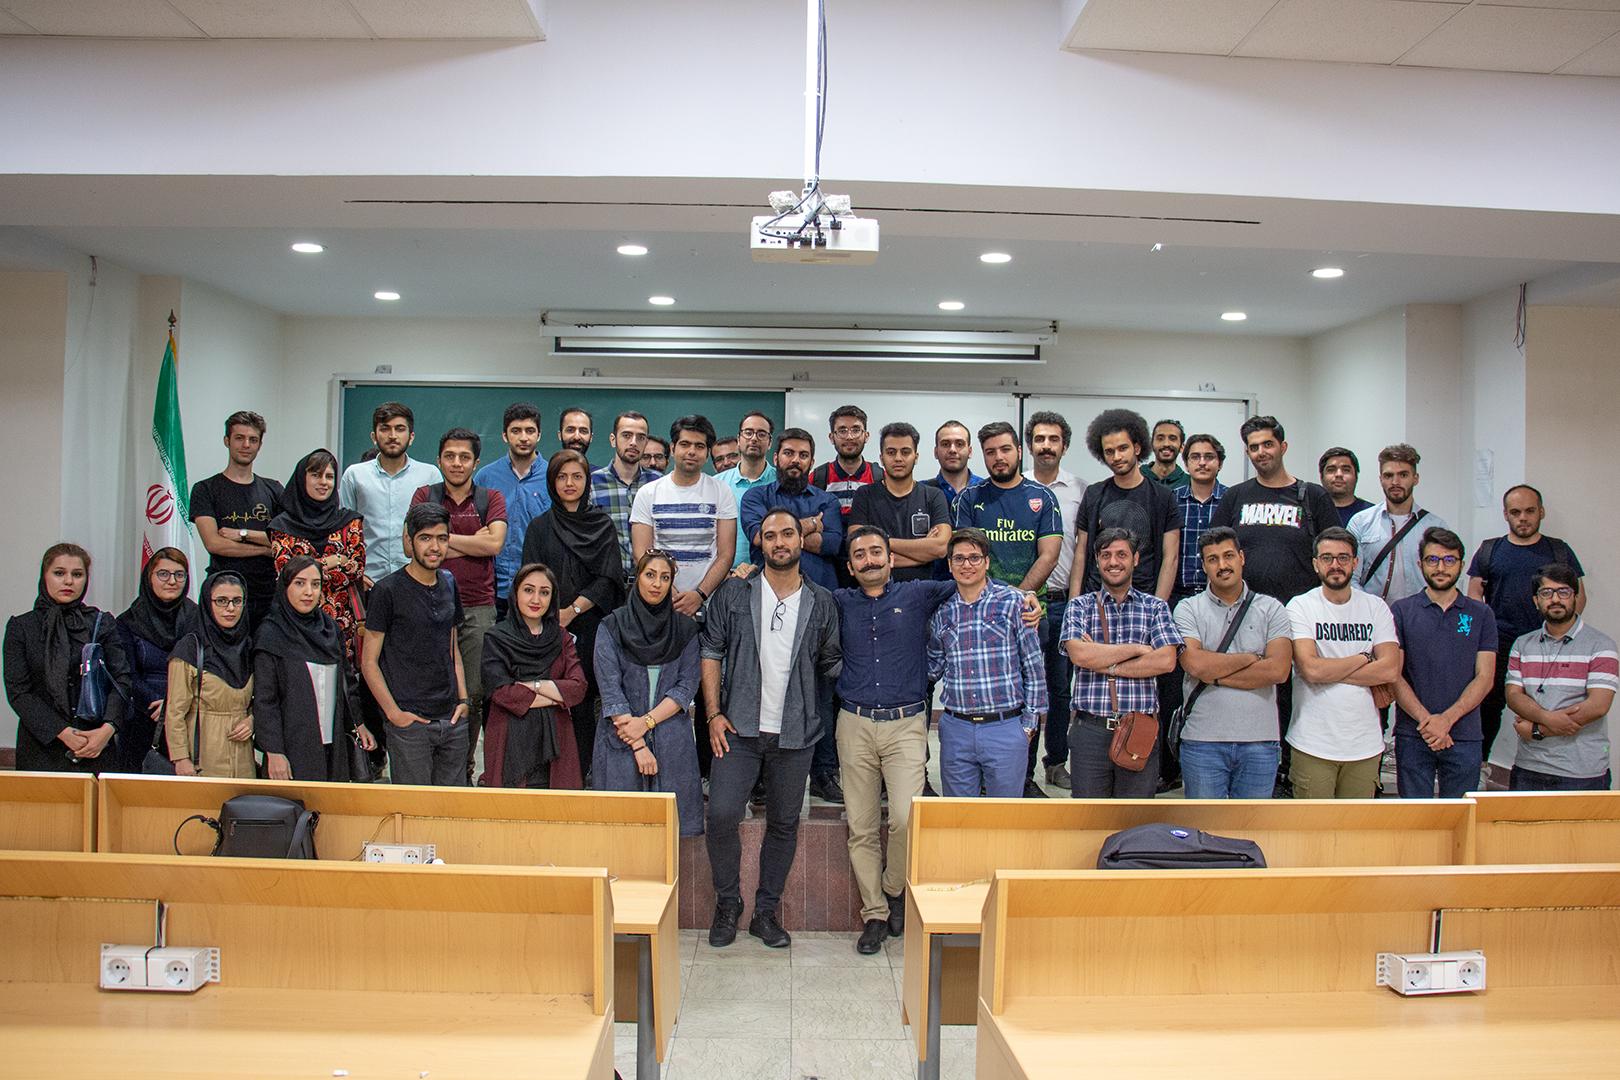 دومین رویداد جامعه ریاکت ایران در دانشگاه شهید بهشتی (26-2-98)